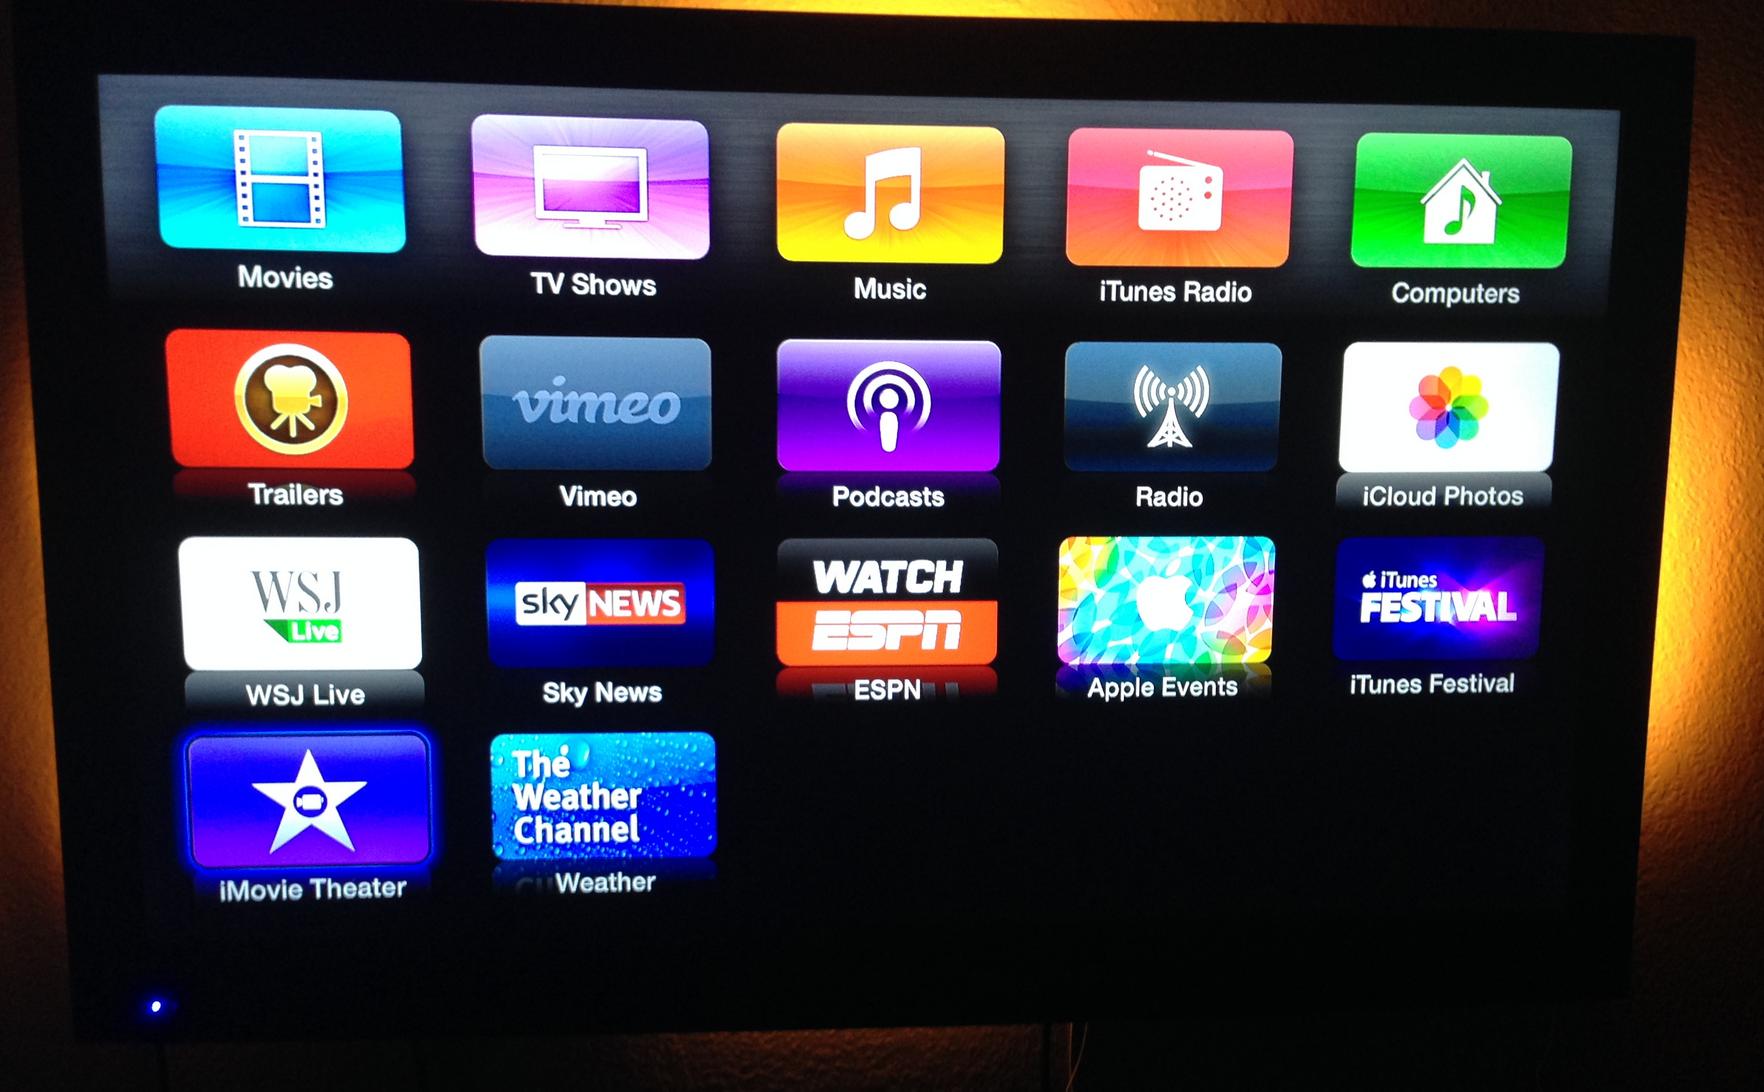 Apple-TV-iMovie-Theater